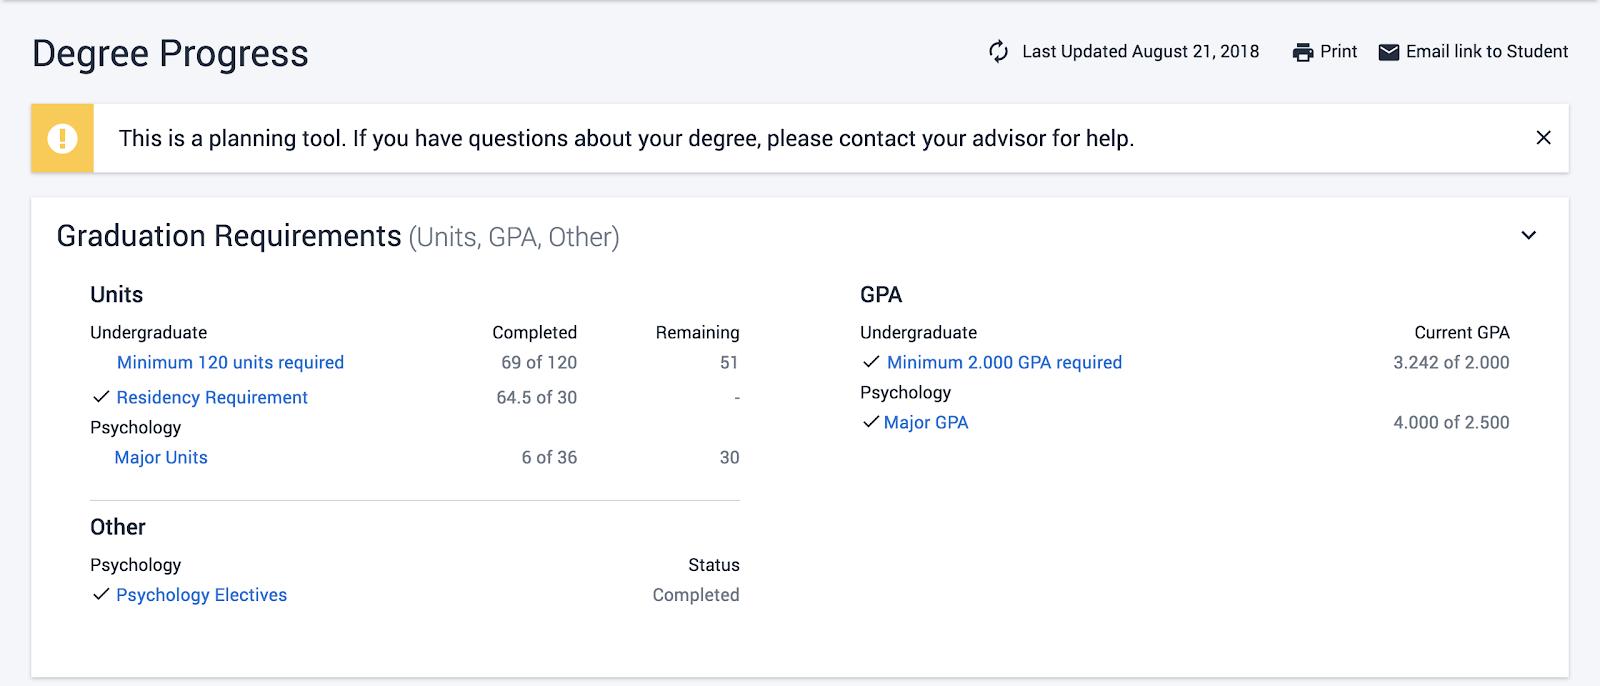 Graduation Requirements Compartment